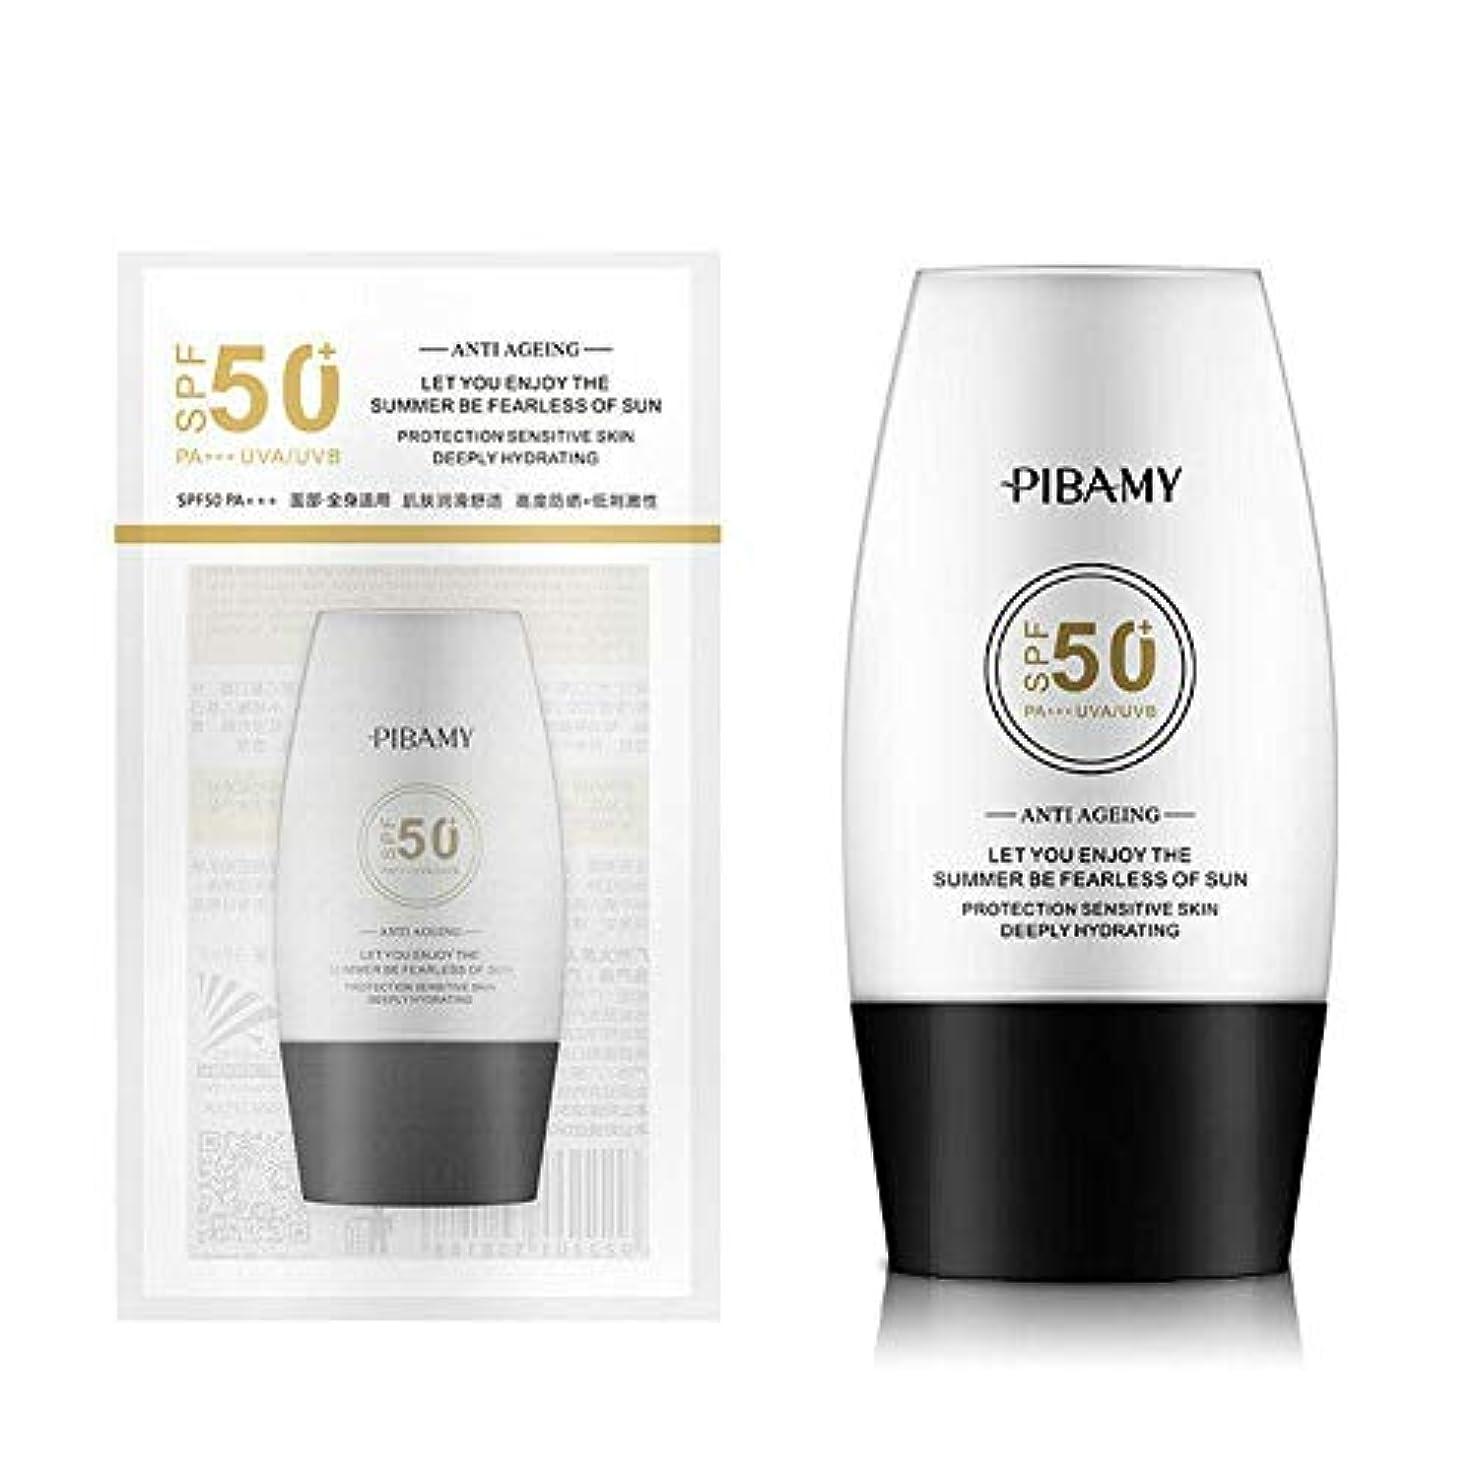 十分に鉱石ゲストBETTER YOU (ベター ュー) 日焼けどめクリーム 顔 全身用 防水 紫外線を防ぐ 肌を明るくする 水分を補充する